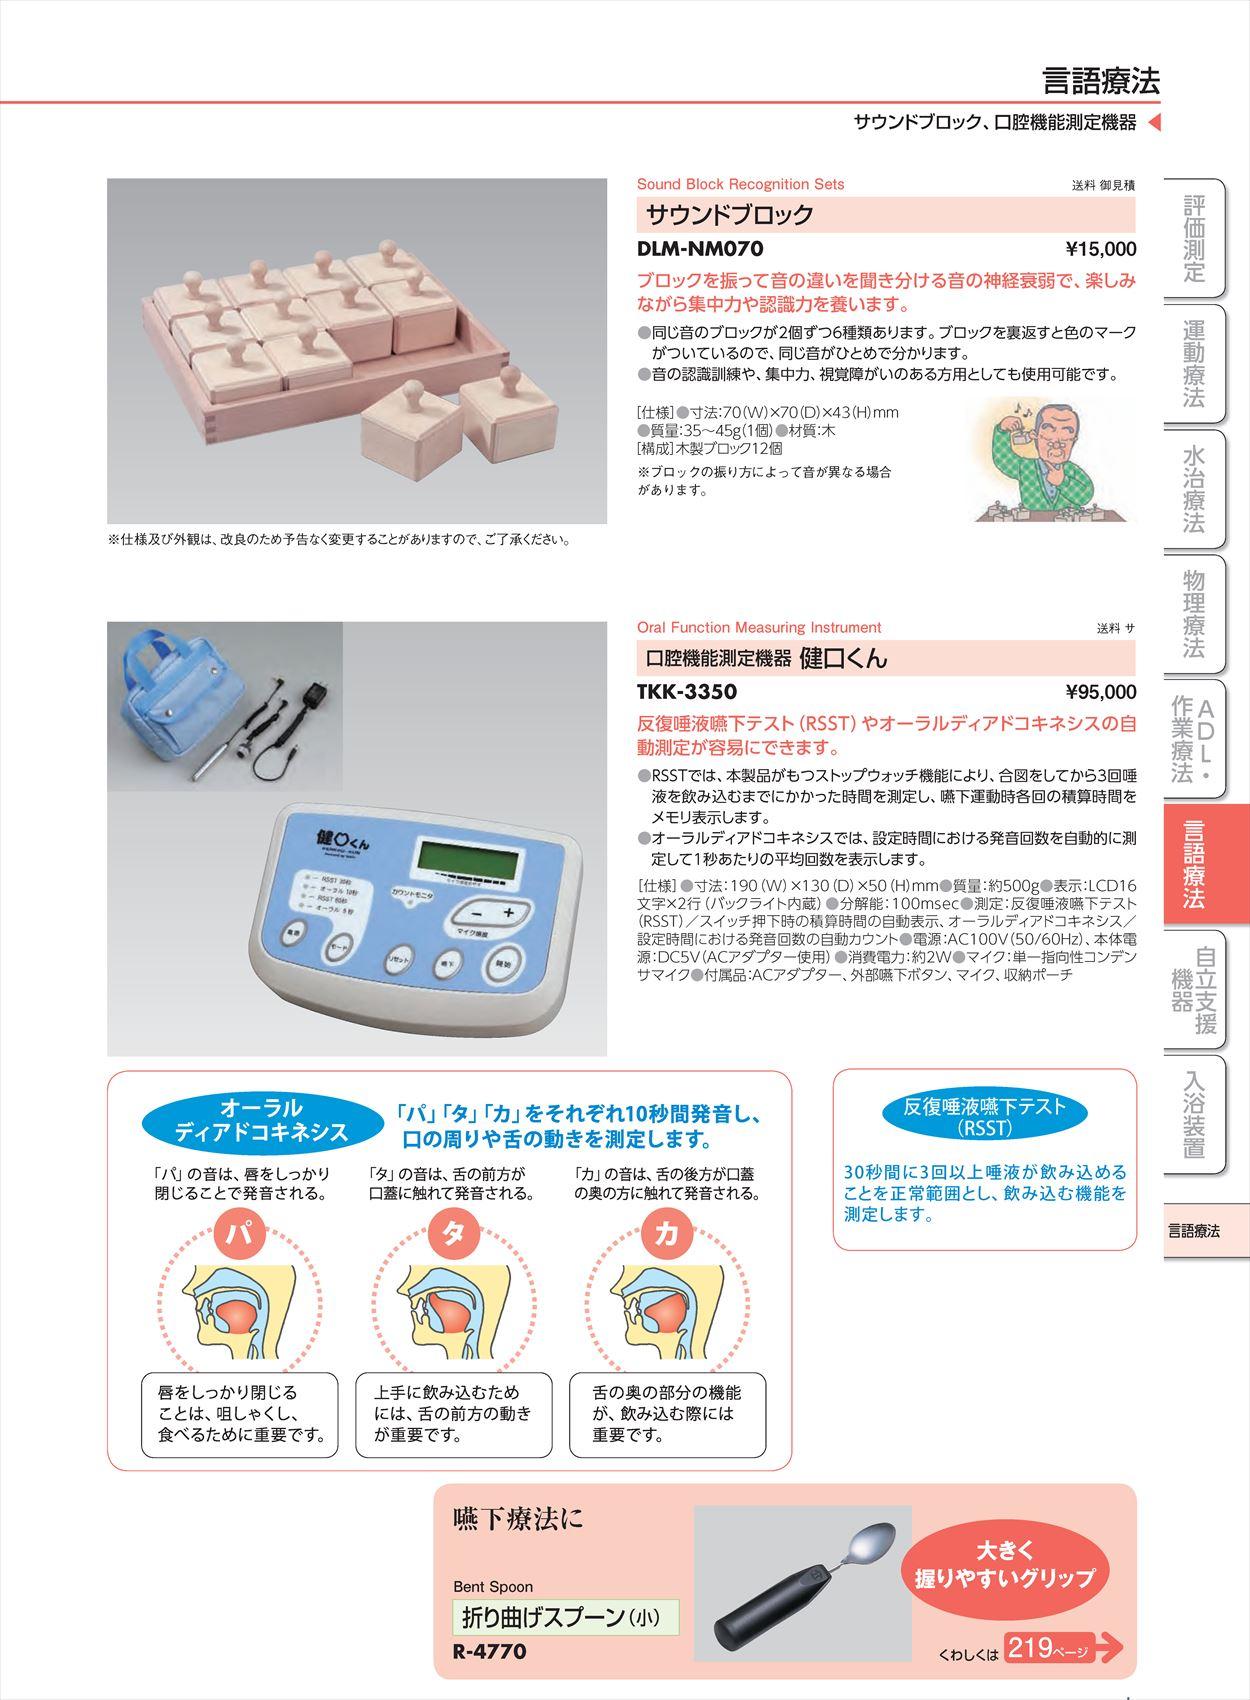 サウンドブロックDLM-NM070[式](sa14Q31690)【酒井医療】